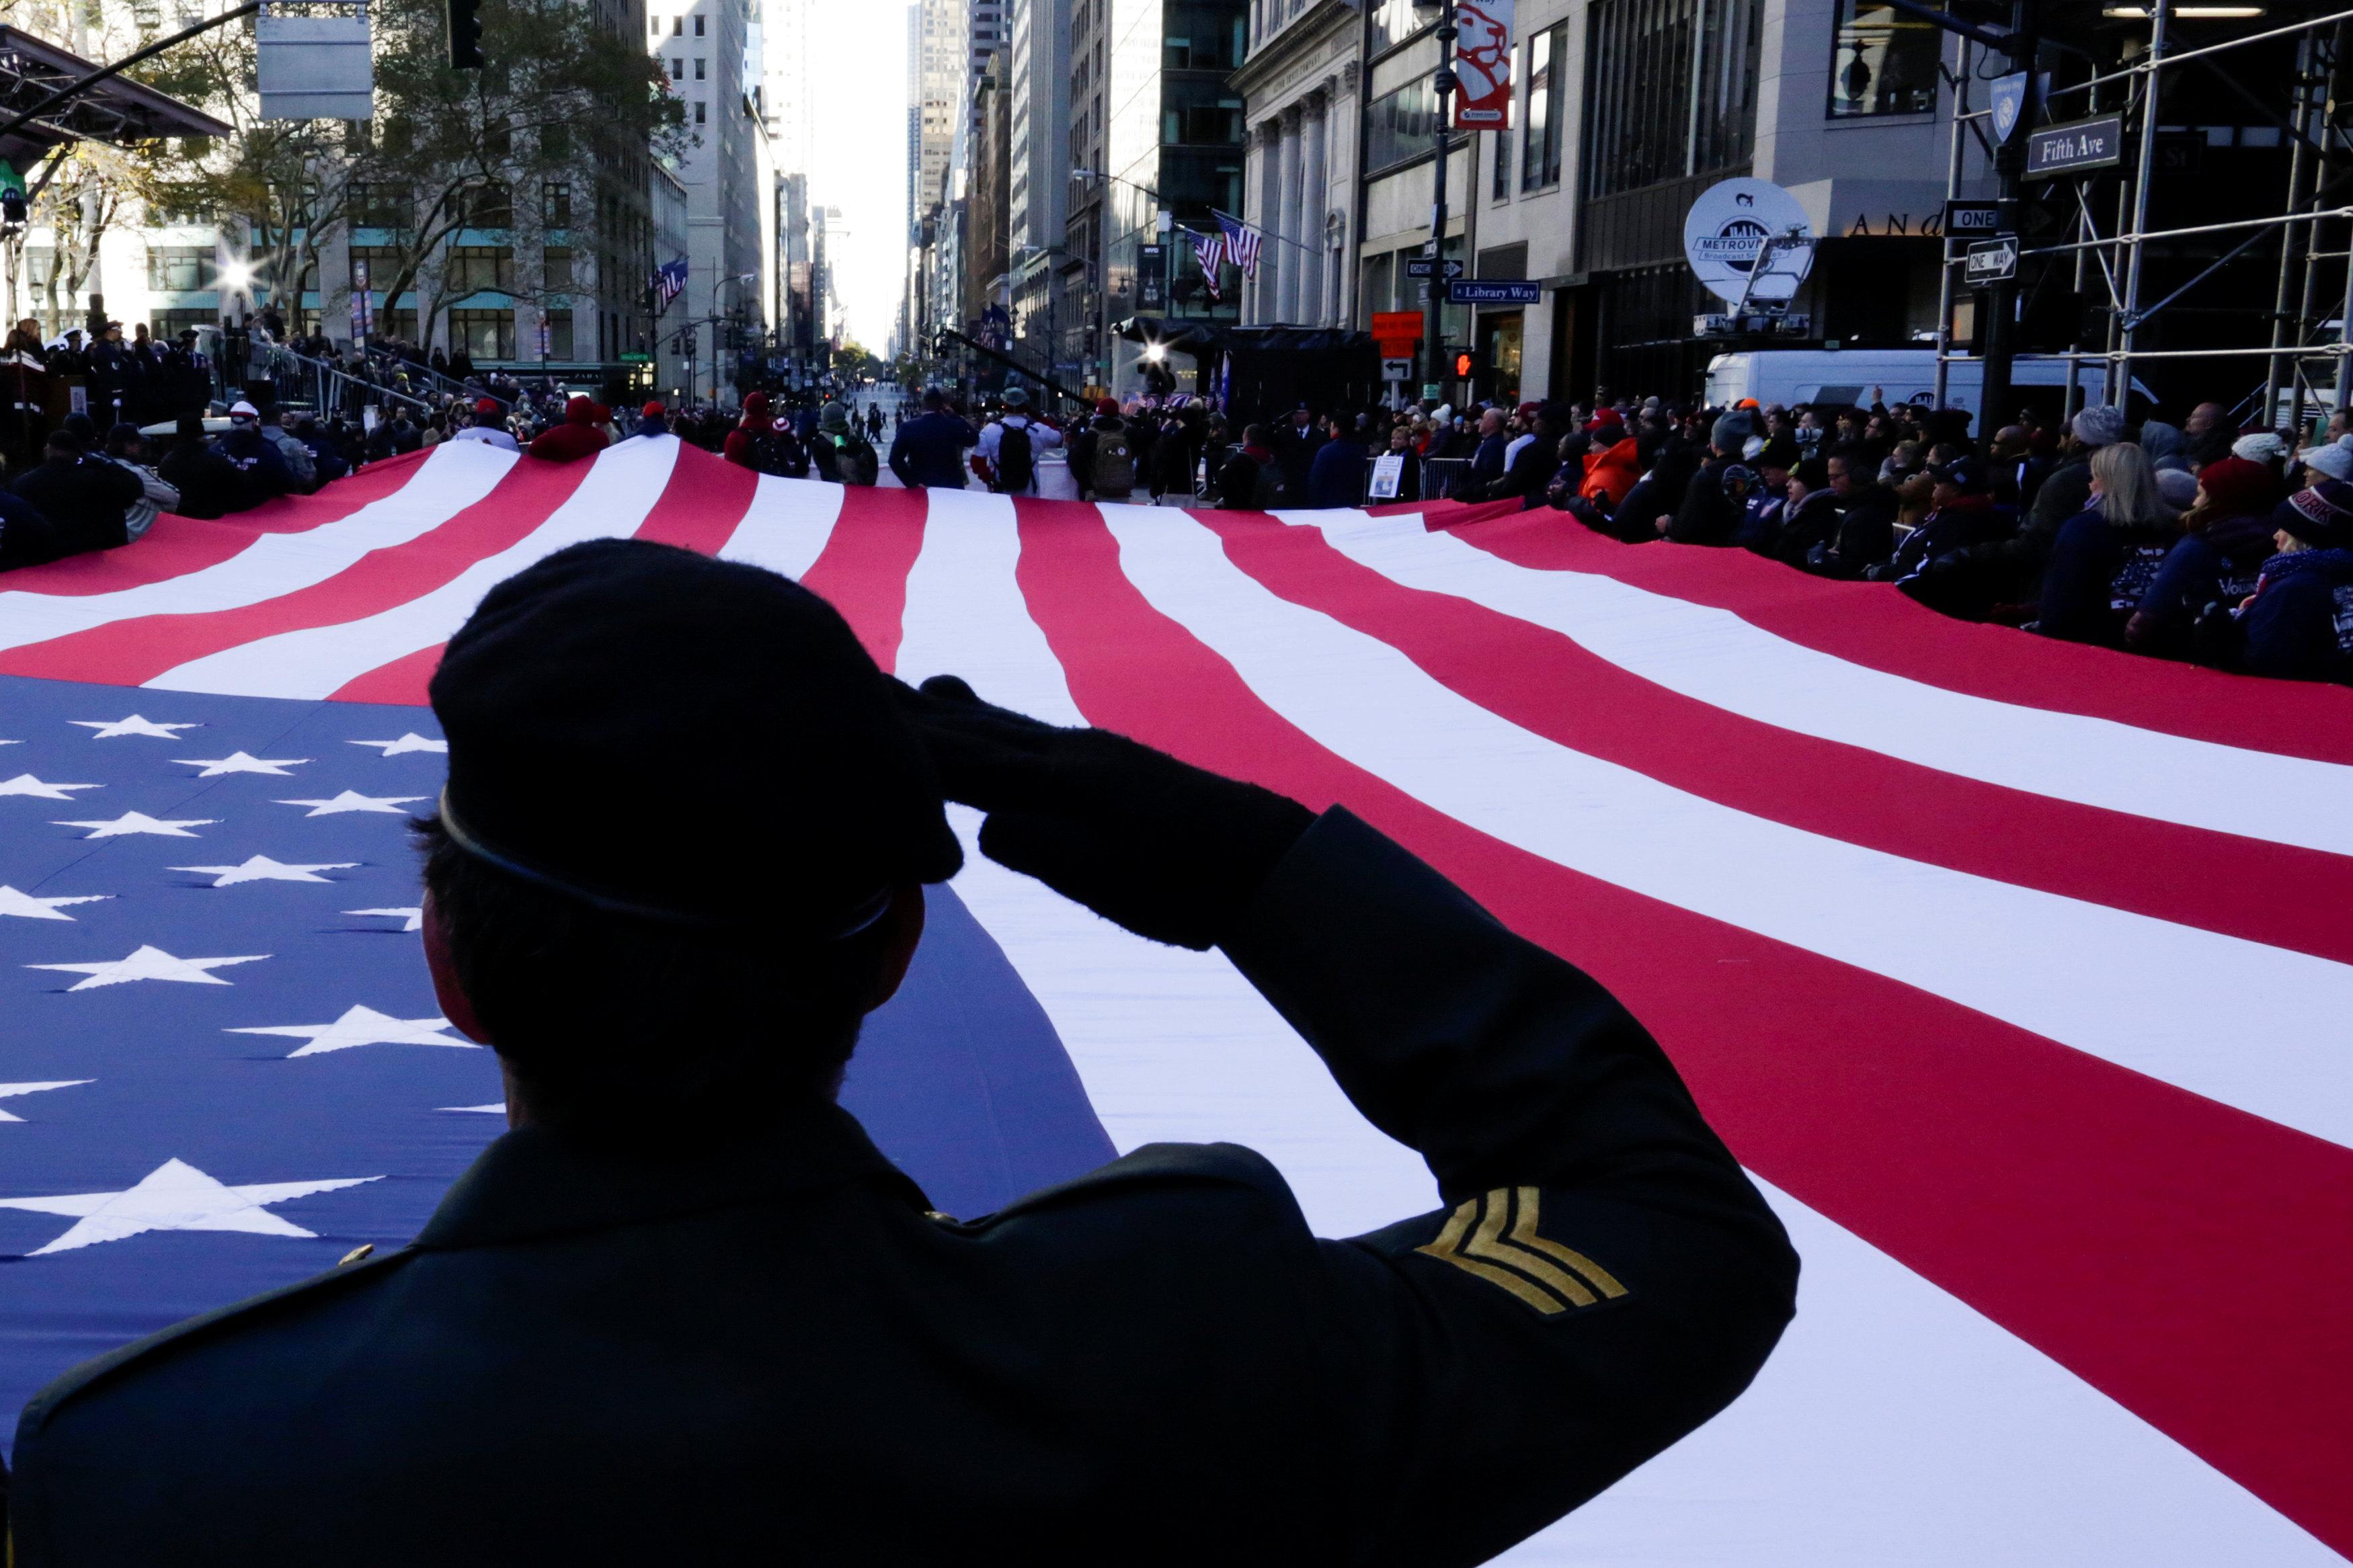 Cancelan en Washington el desfile por el Día de los Veteranos